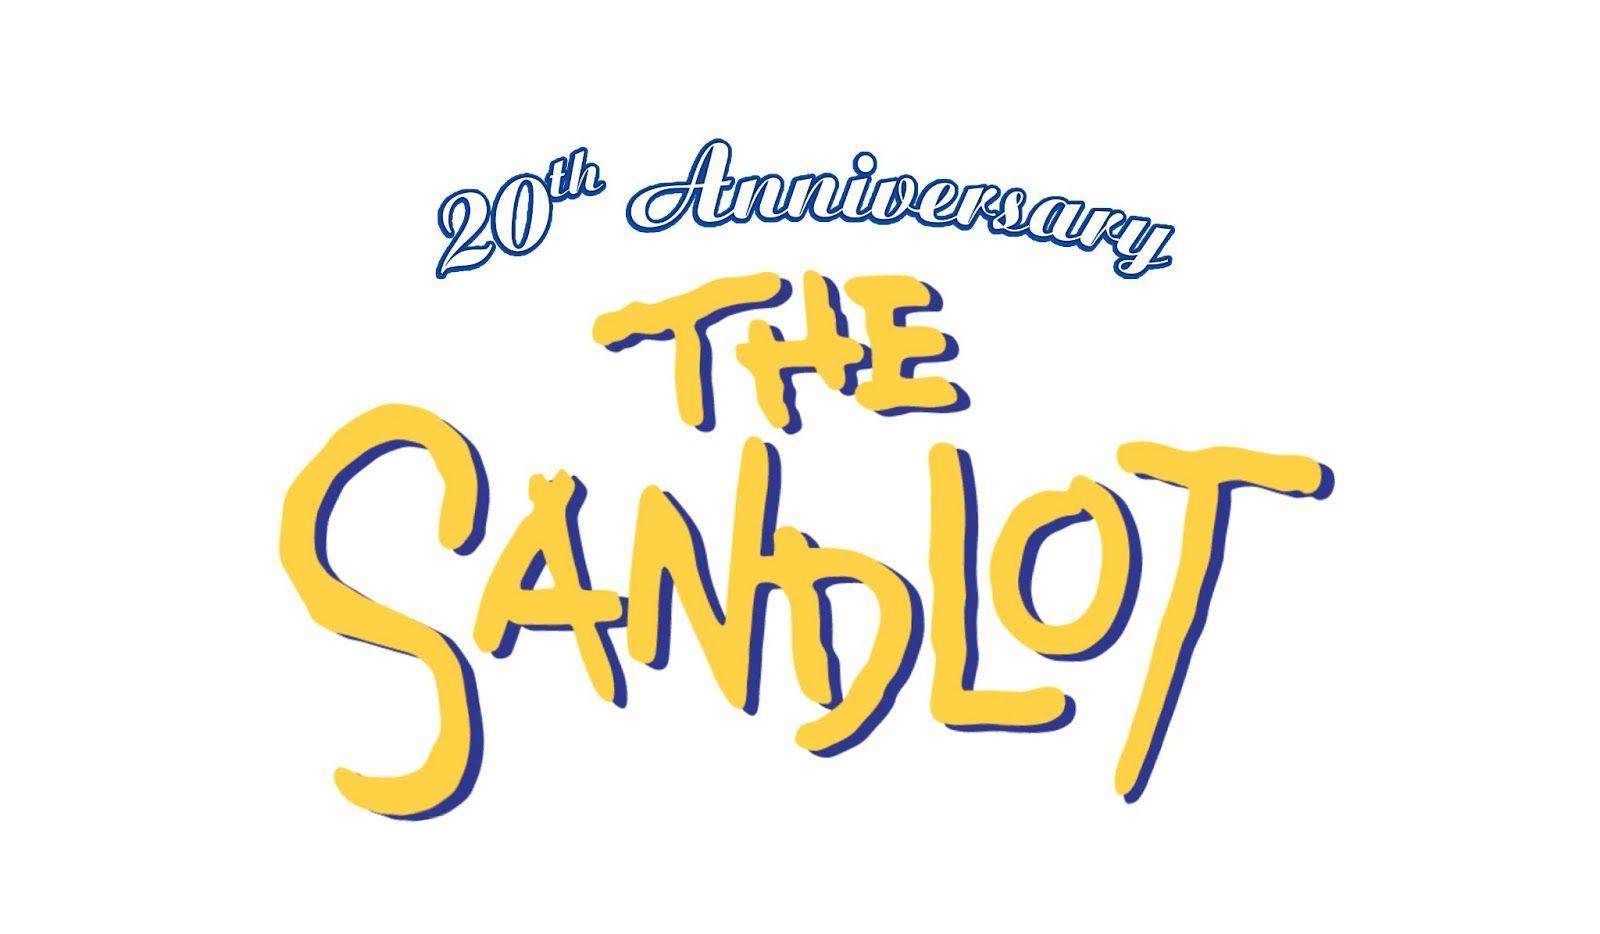 Sandlot logo.